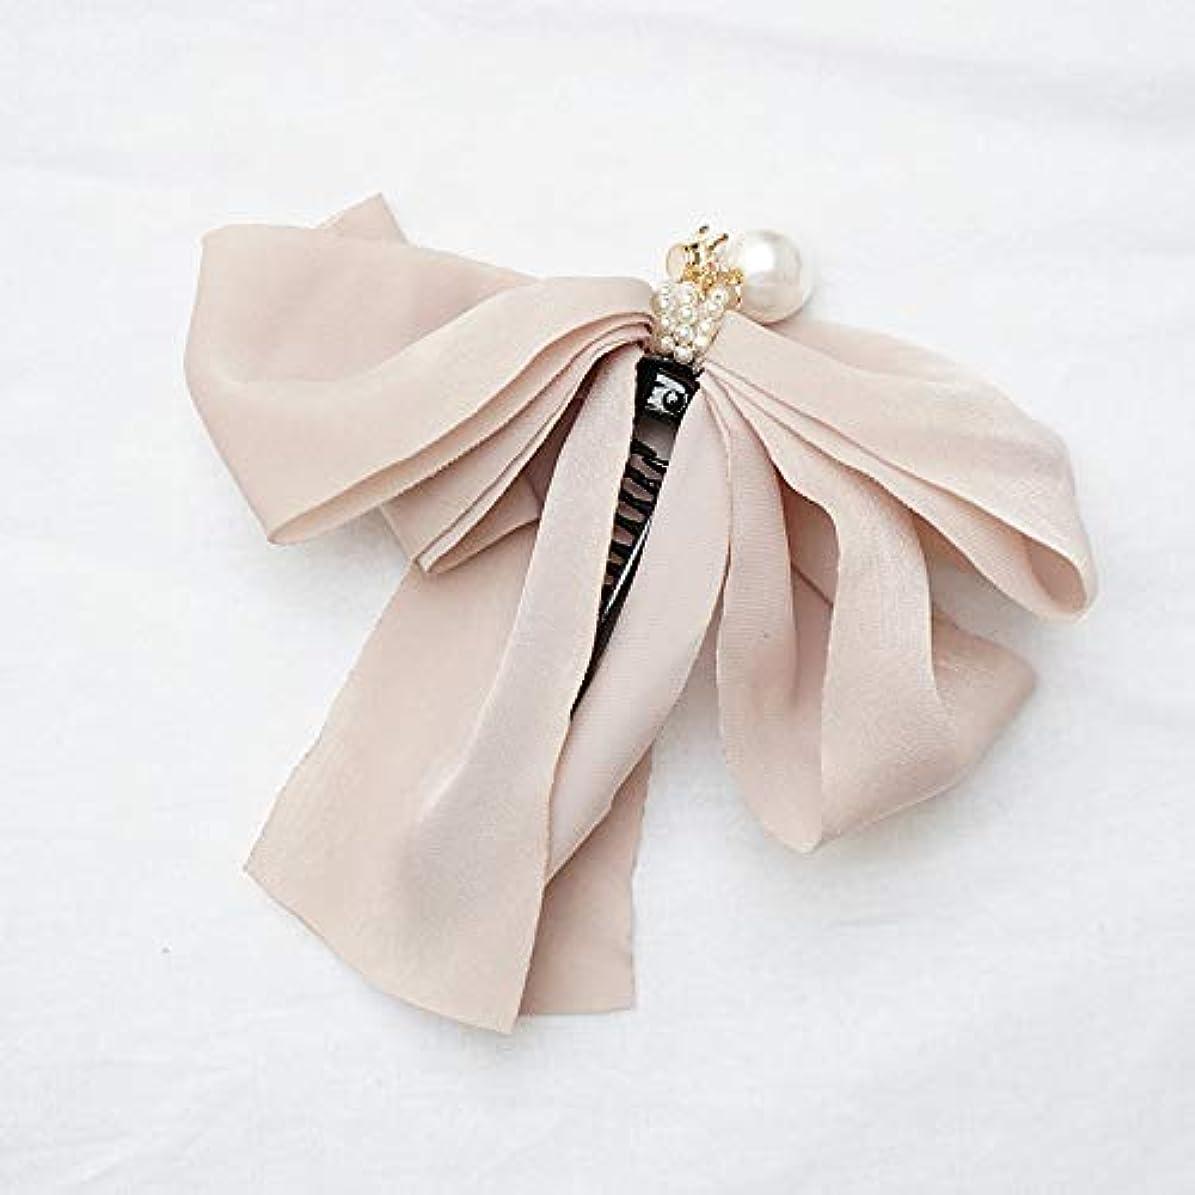 バケツ計り知れない予知HuaQingPiJu-JP ファッションロゼットヘアピン便利なヘアクリップ女性の結婚式のアクセサリー(アプリコット)